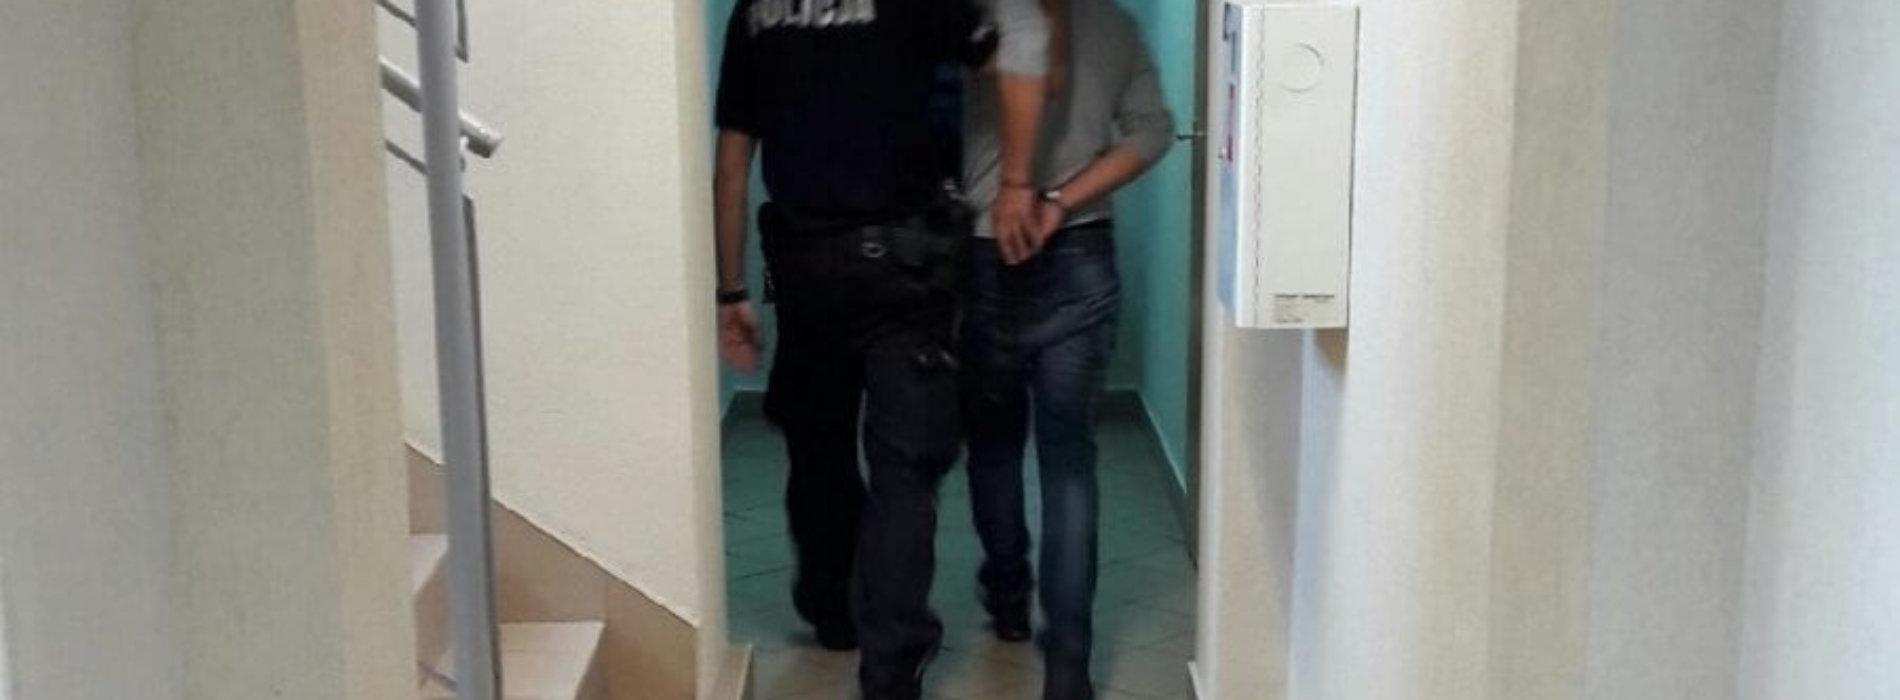 POLICJANCI ZATRZYMALI PODEJRZANYCH O NAPAD NA BANK